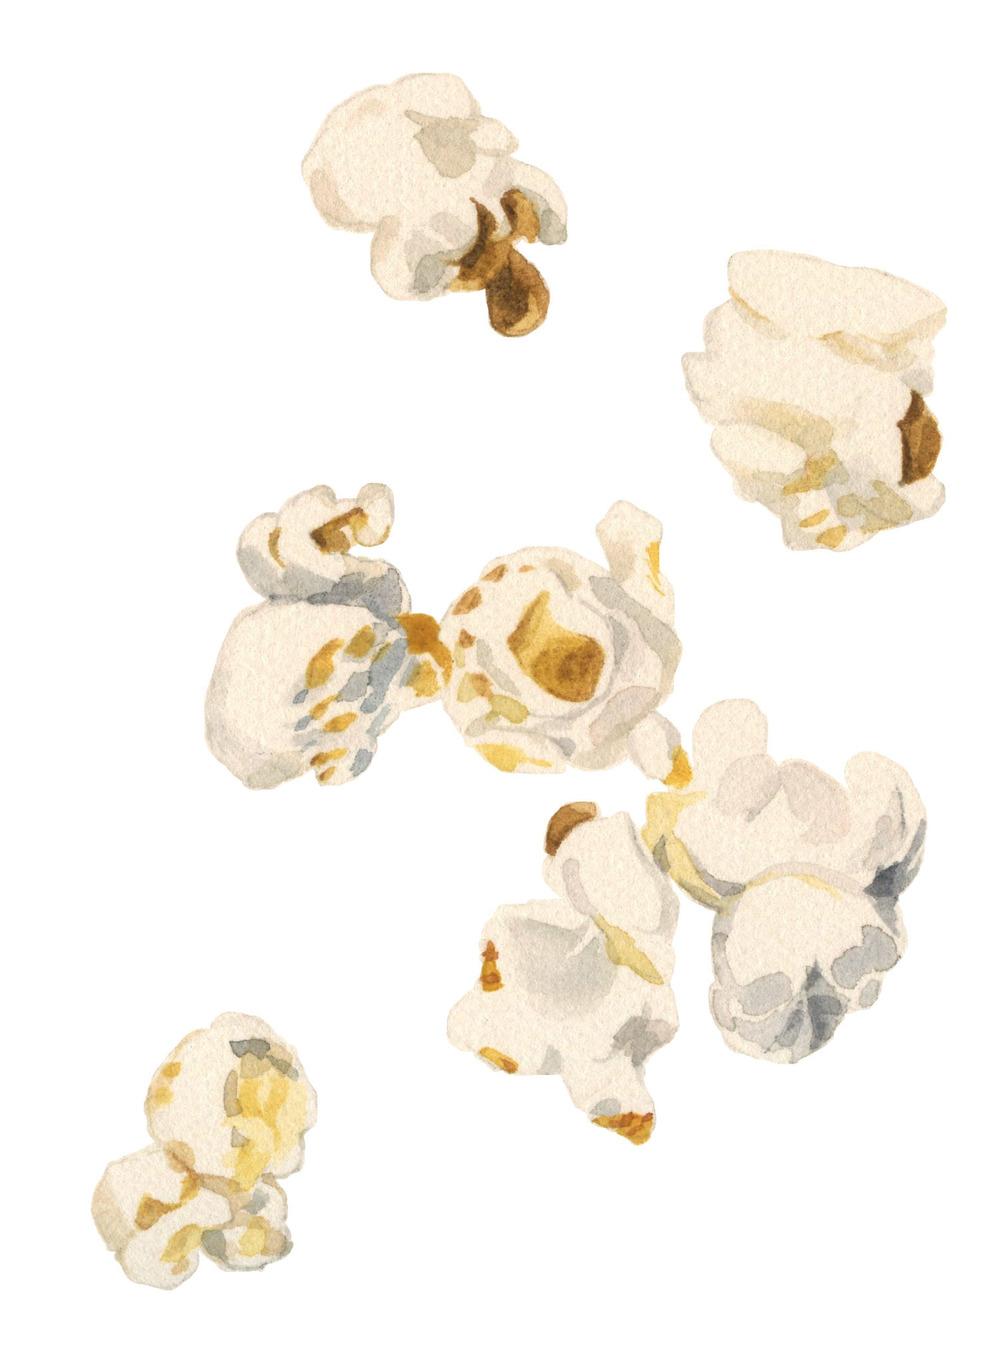 popcorn-lrg.jpg